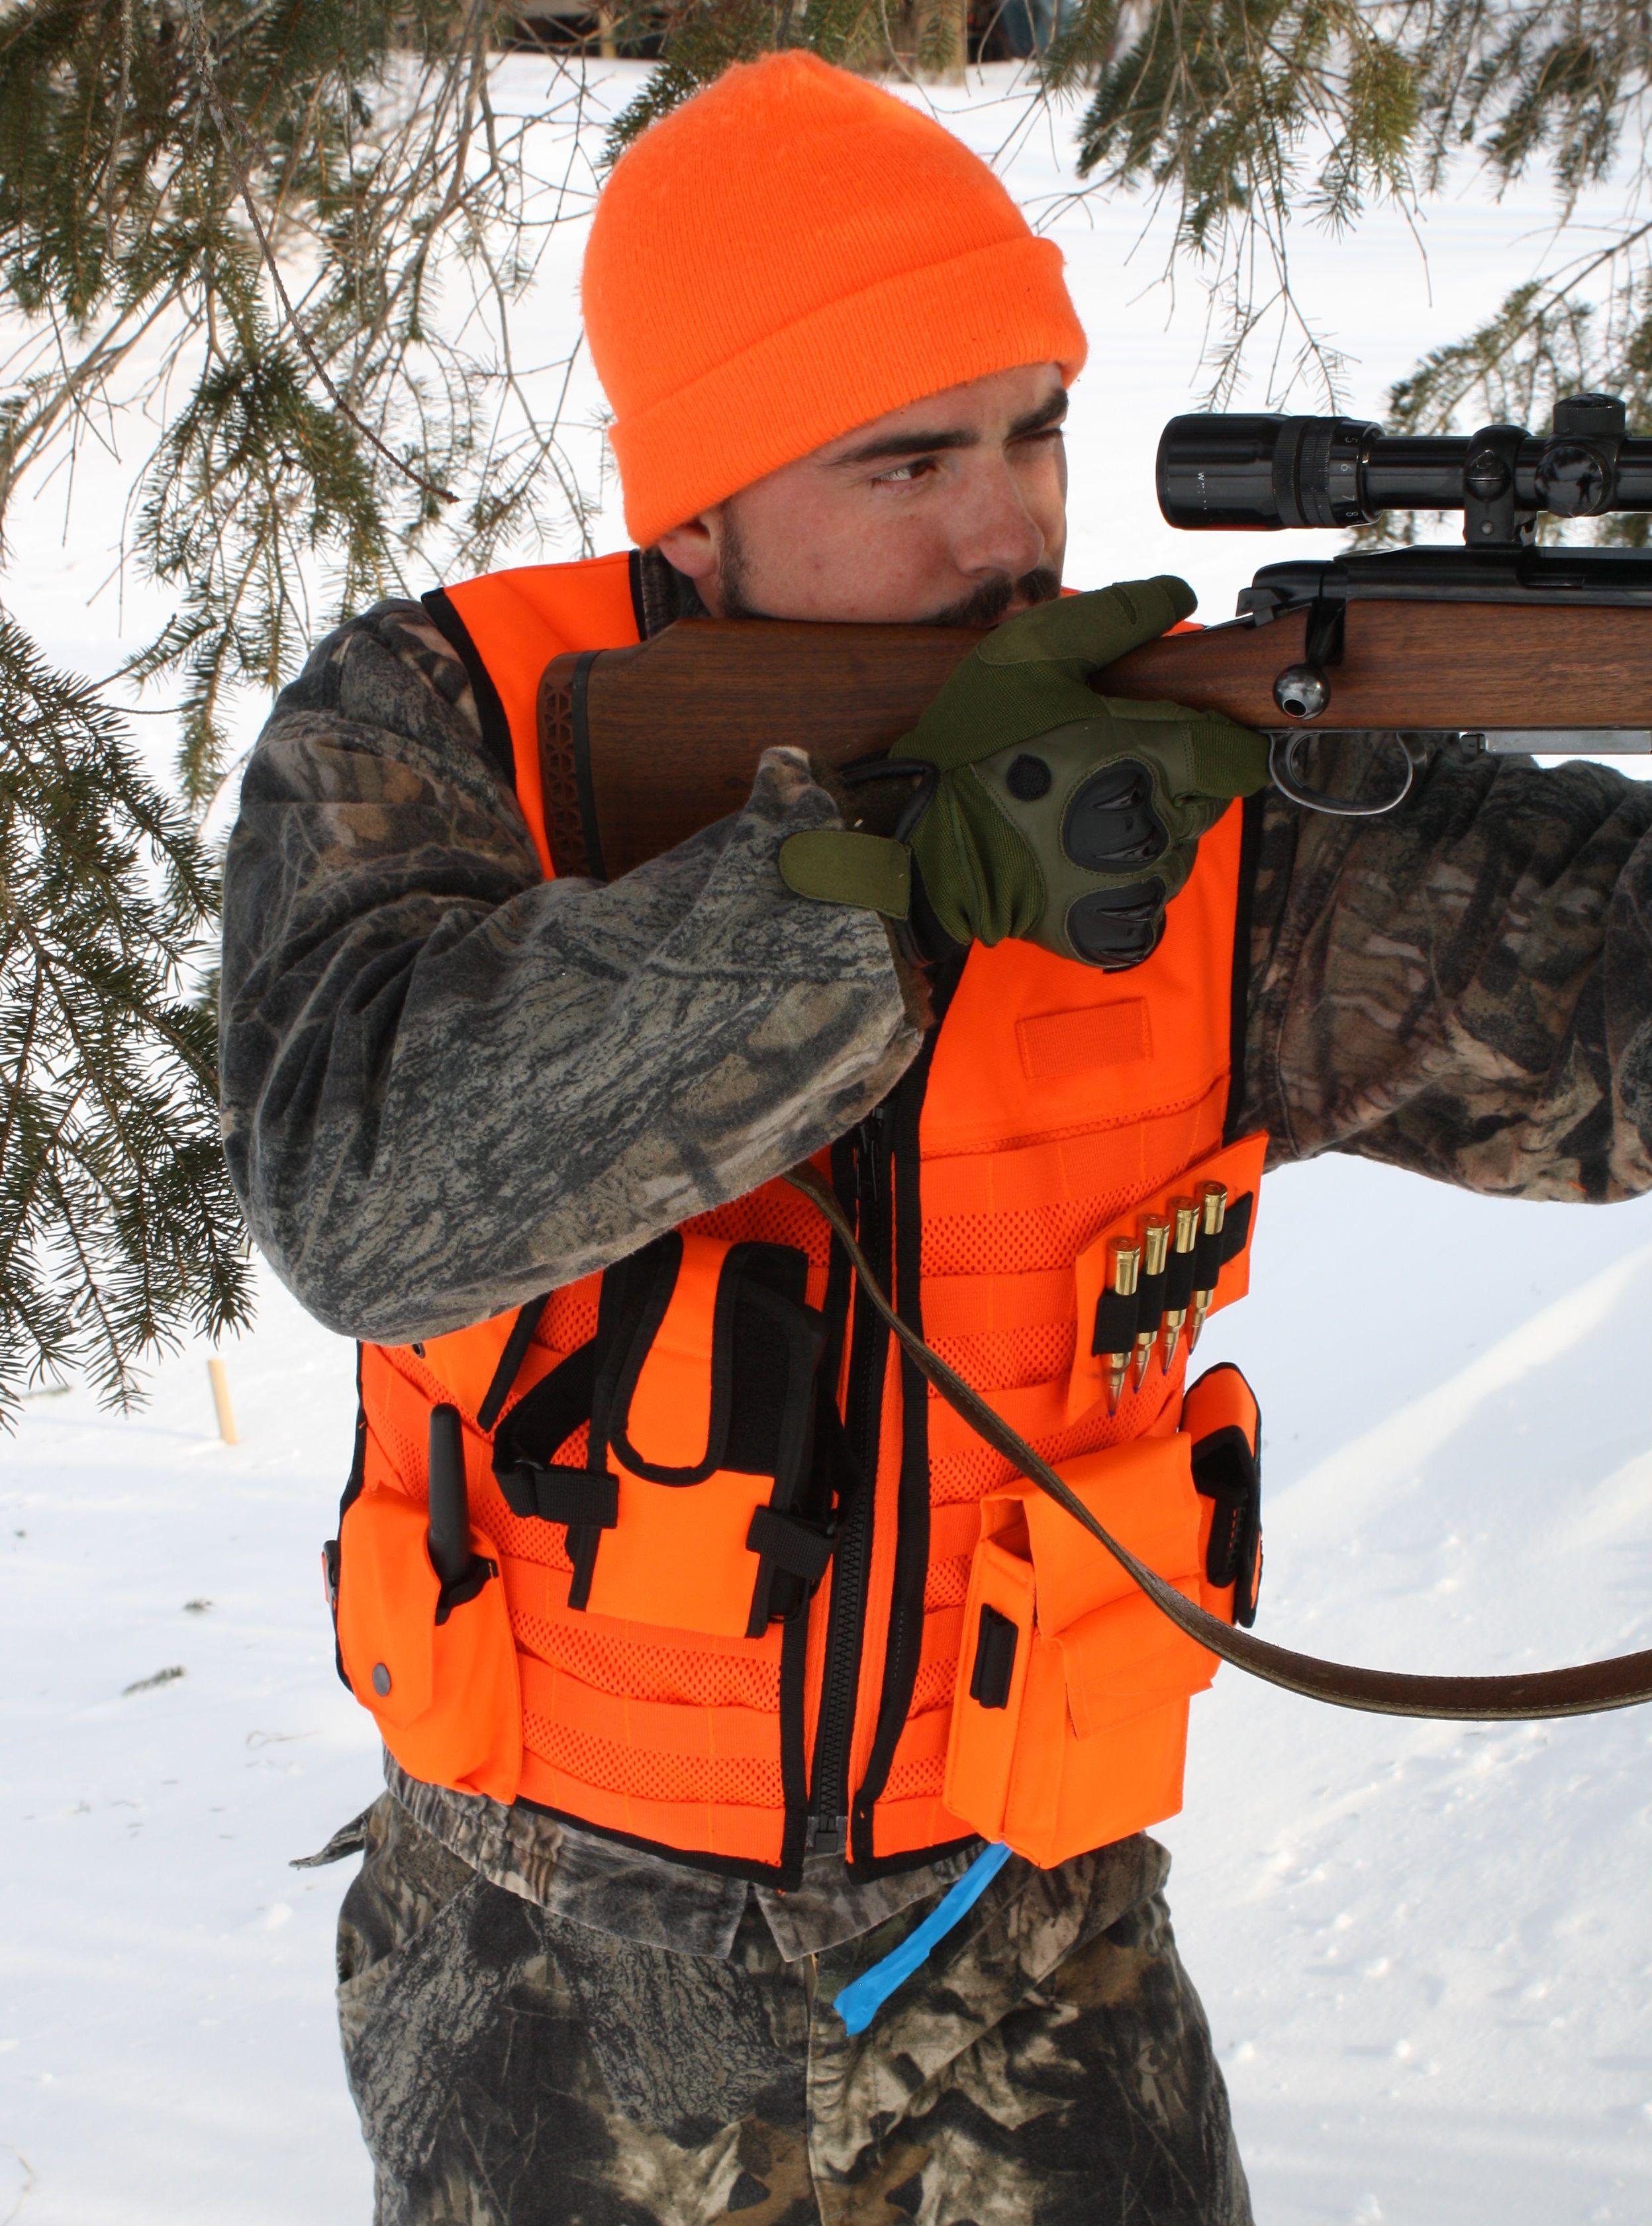 Blaze Orange MOLLE Vest Orange hunting vest, Hunting